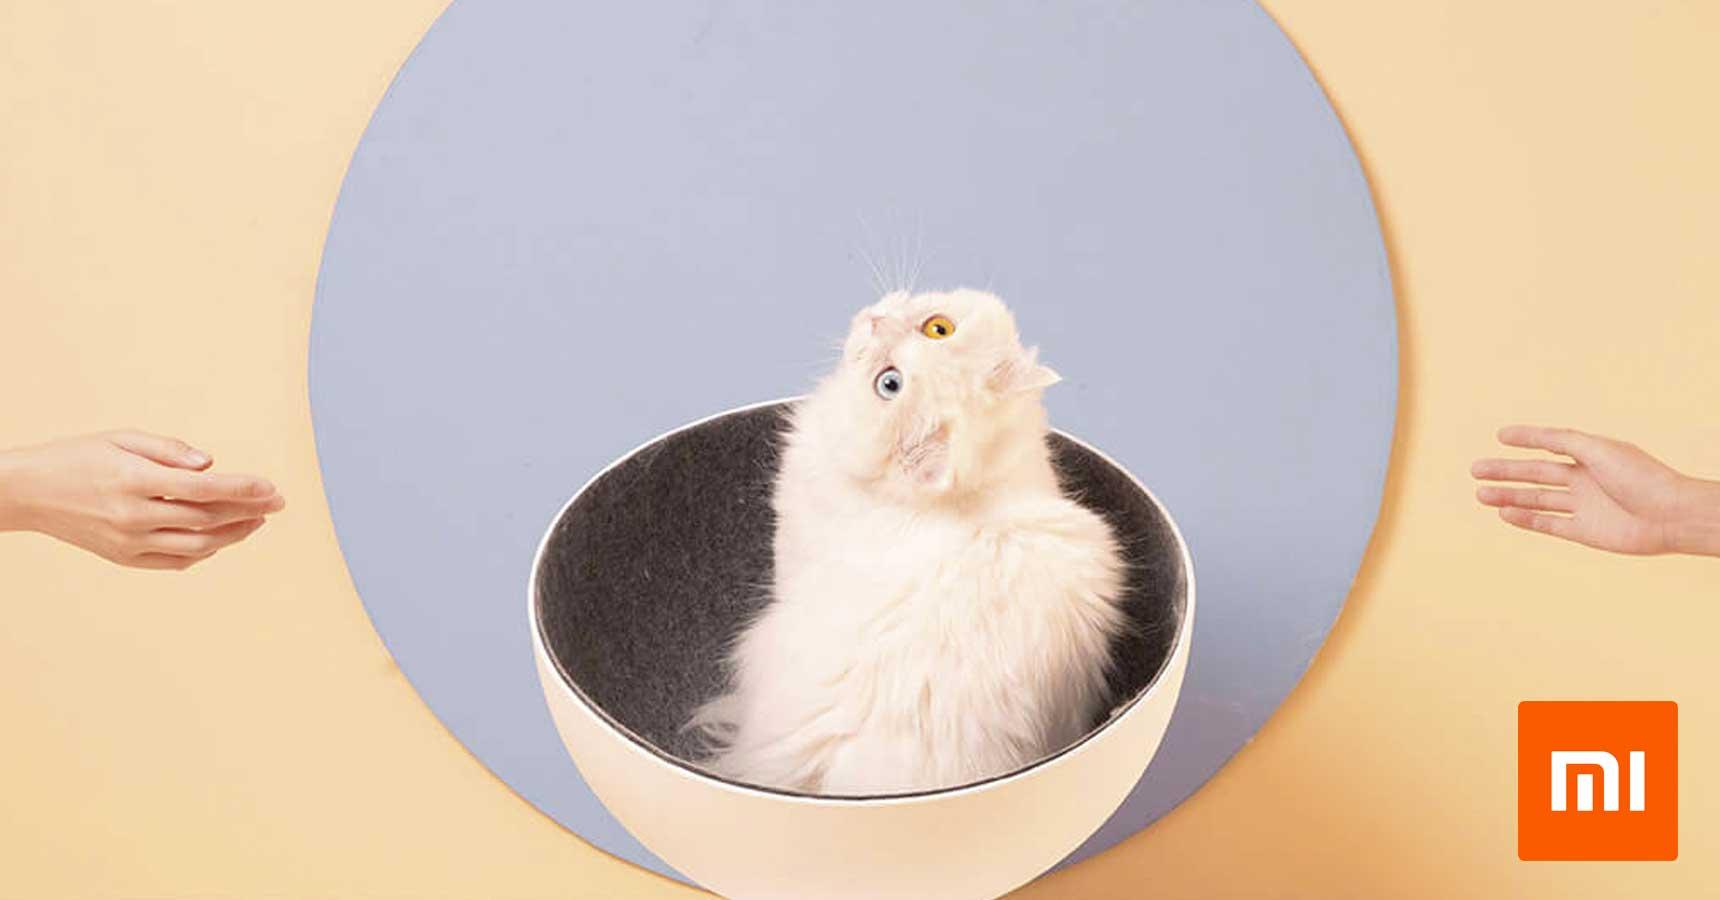 Cadeira para gato da Xiaomi